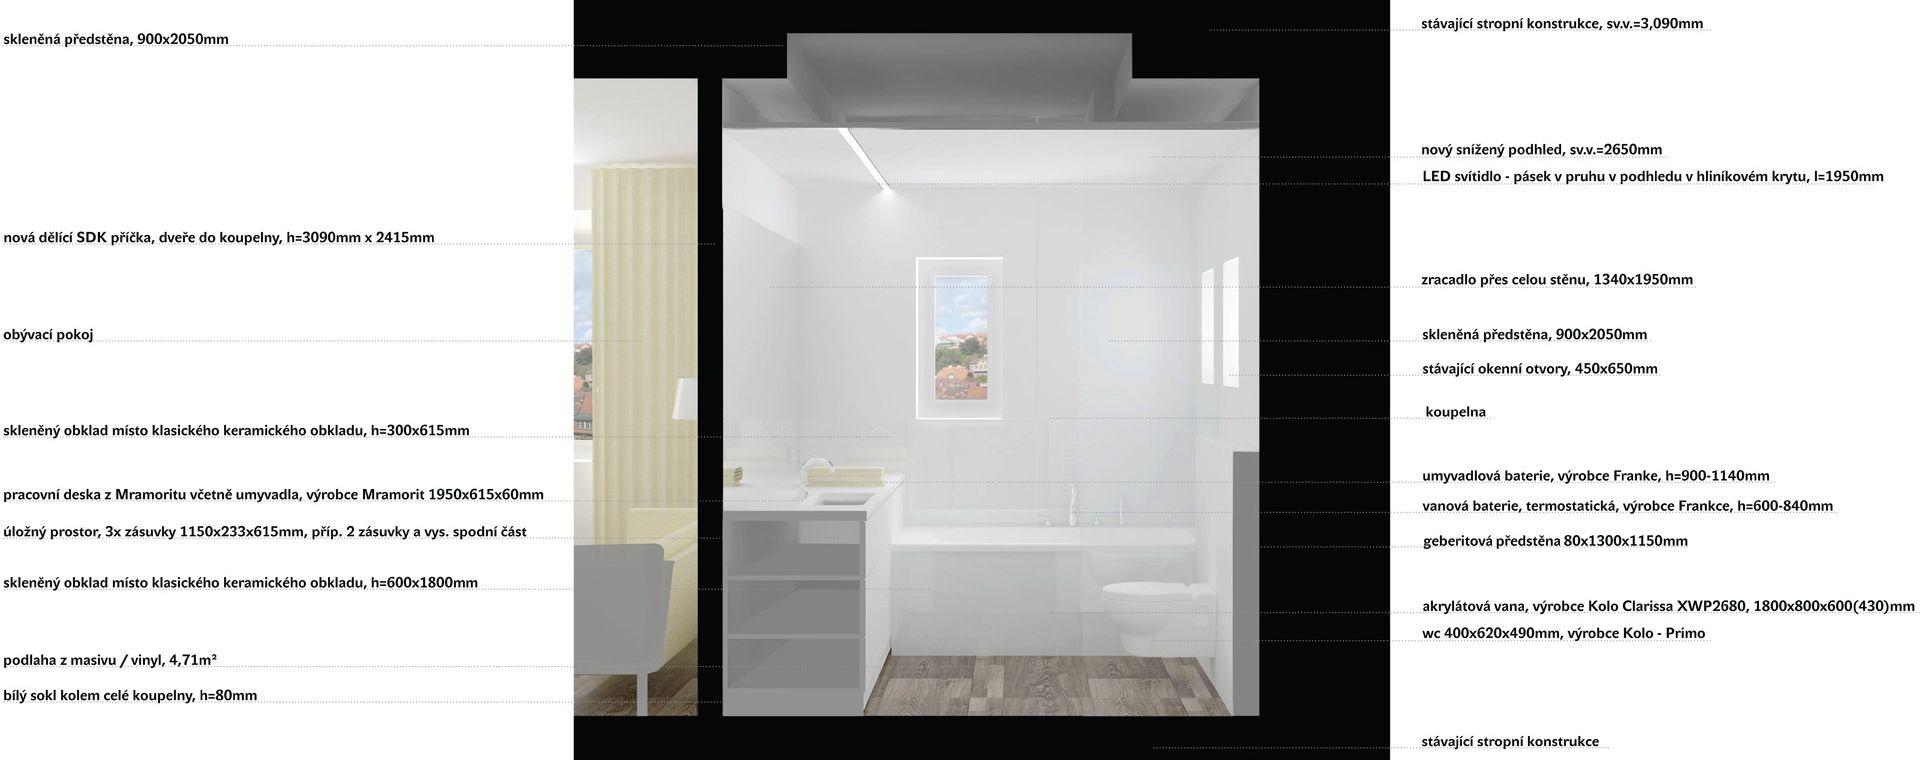 Bathroom Veleslavín, Praha 6, 2014, CZ